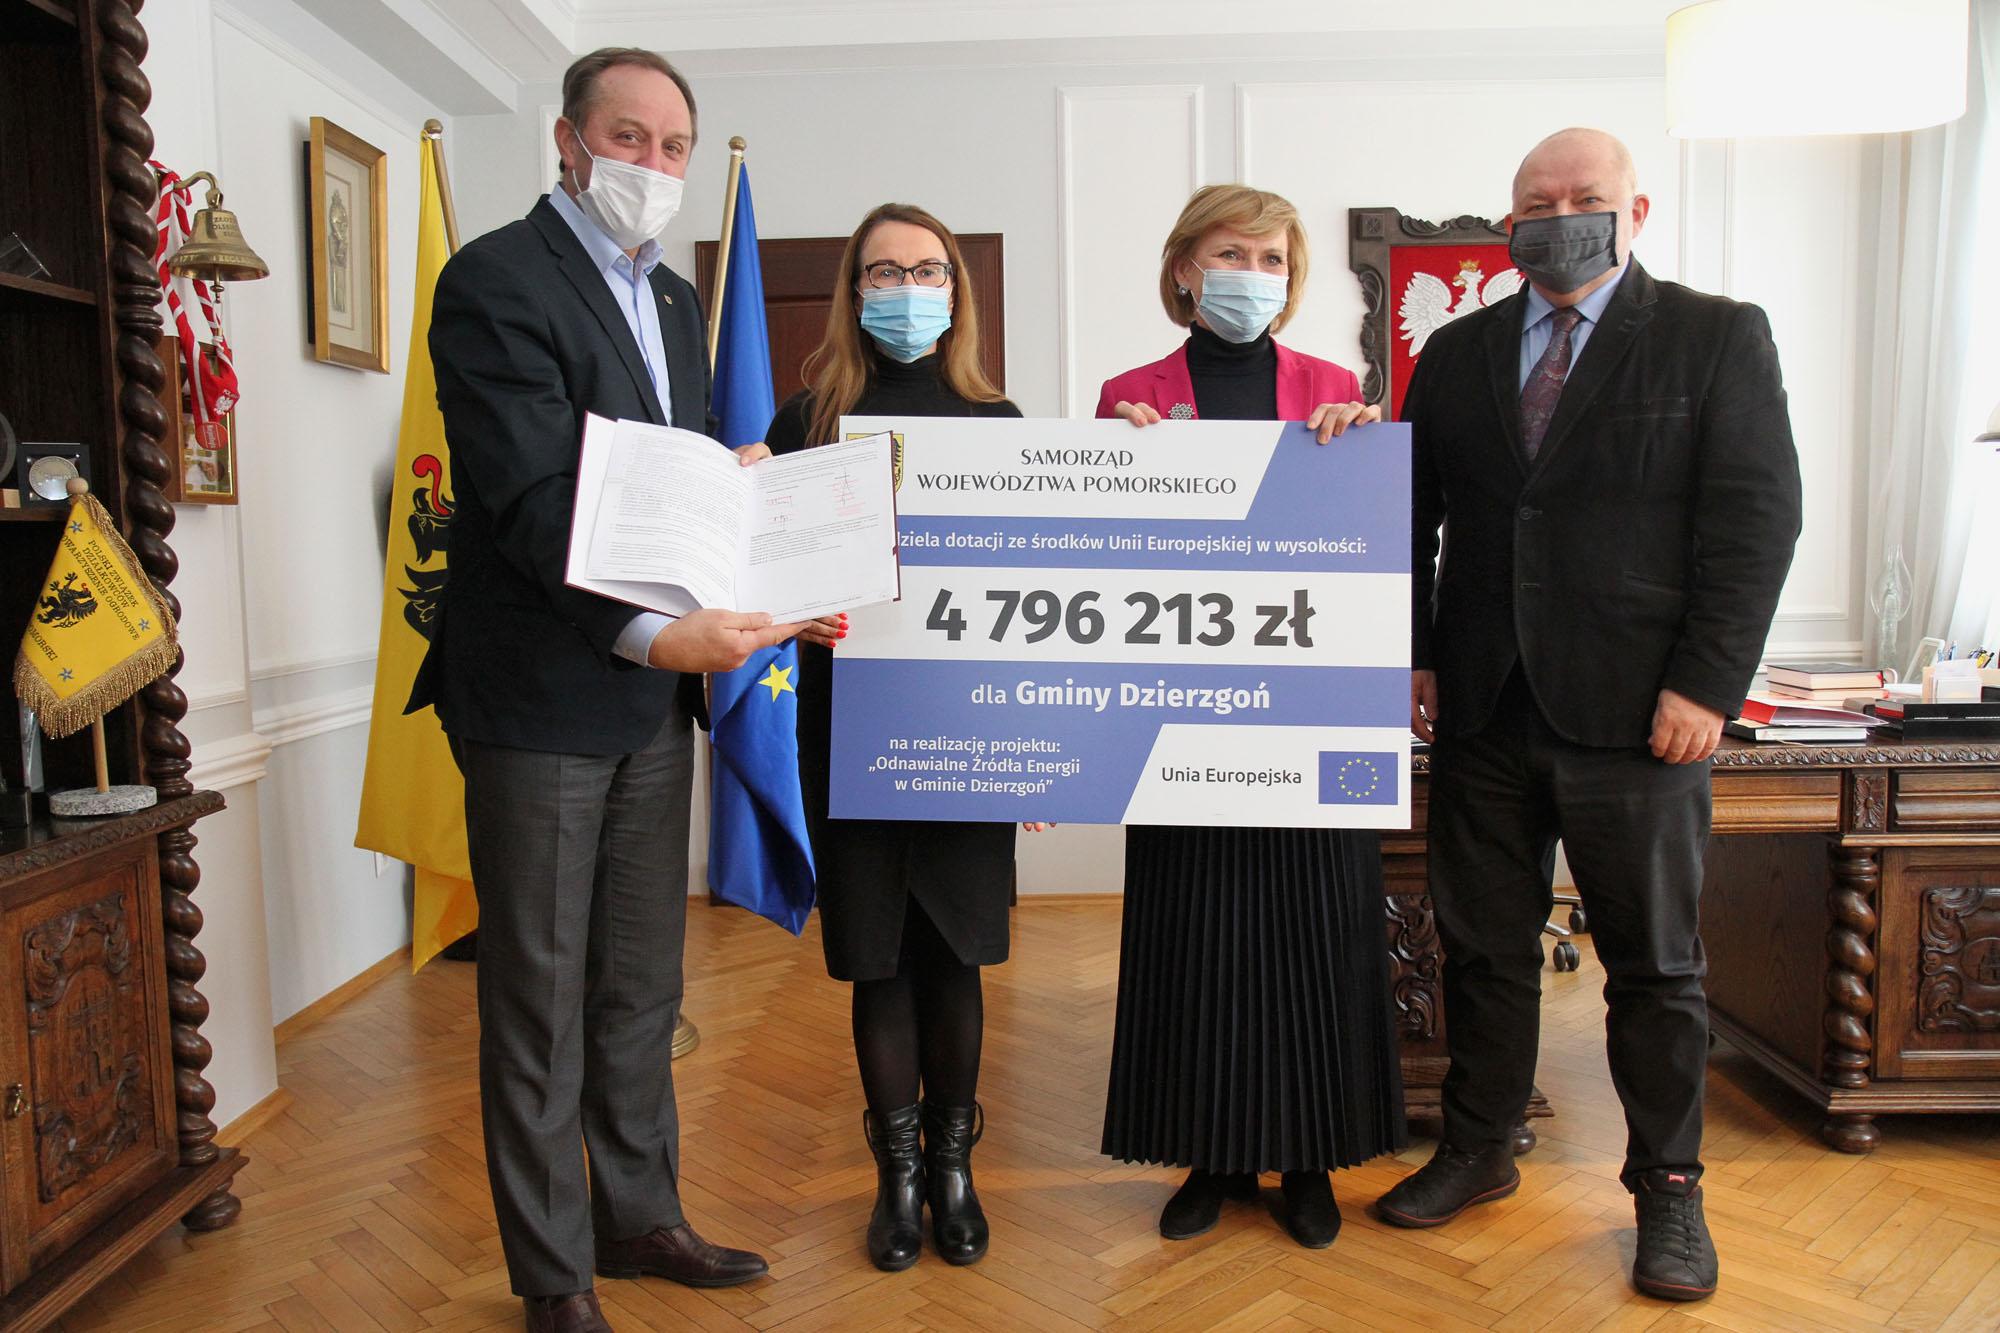 na zdjęciu stoją marszałkowie z wujtem gminy dzierzgoń i skarbnikiem trzymając czek